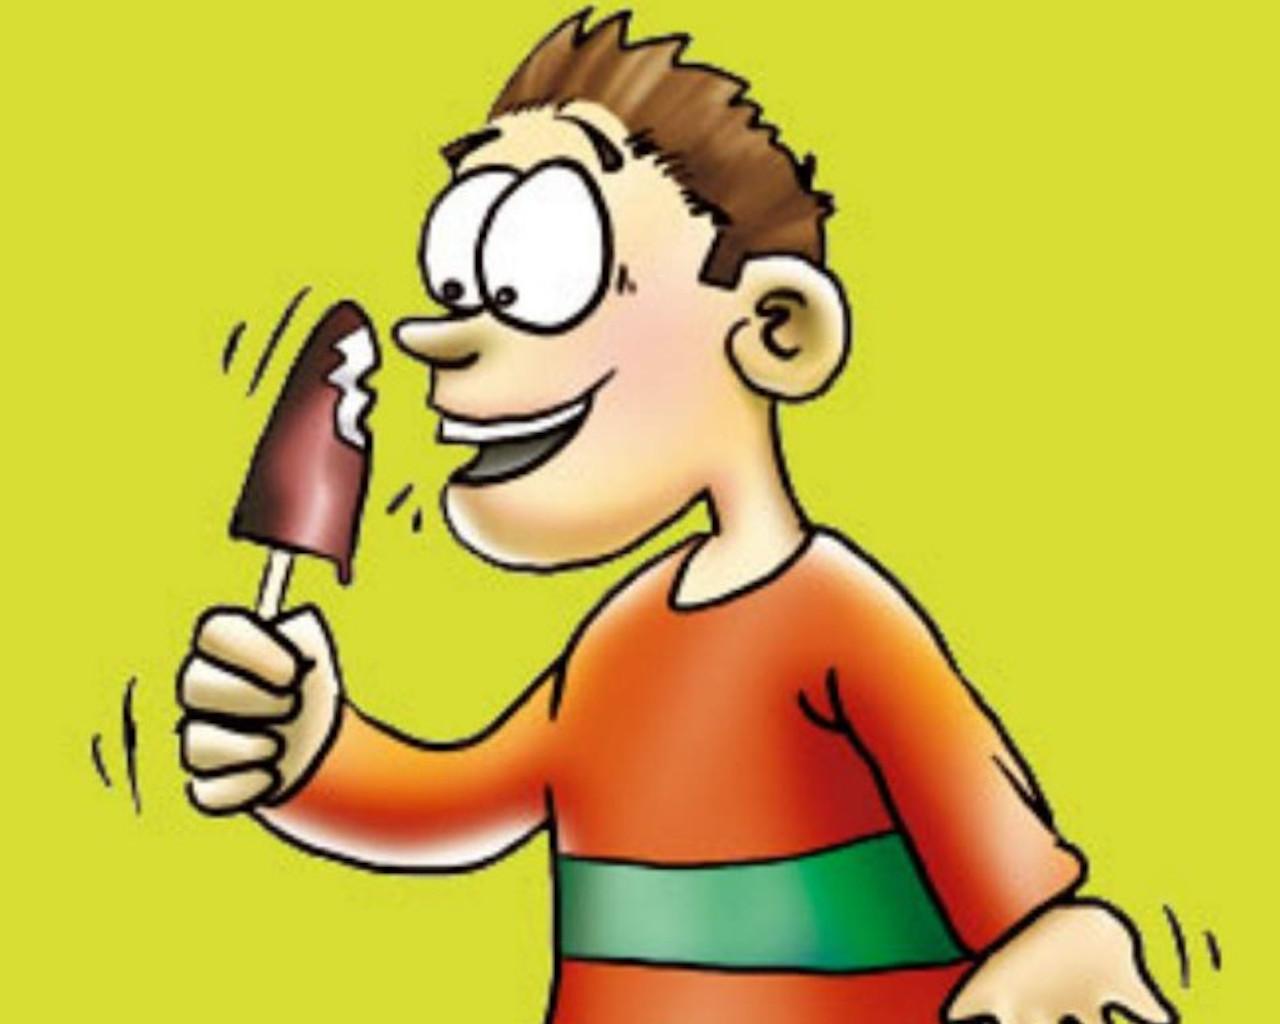 ΑΝΕΚΔΟΤΟ: O Τοτός,η δασκάλα και το ''παγωτό''.Τρελό γέλιο!